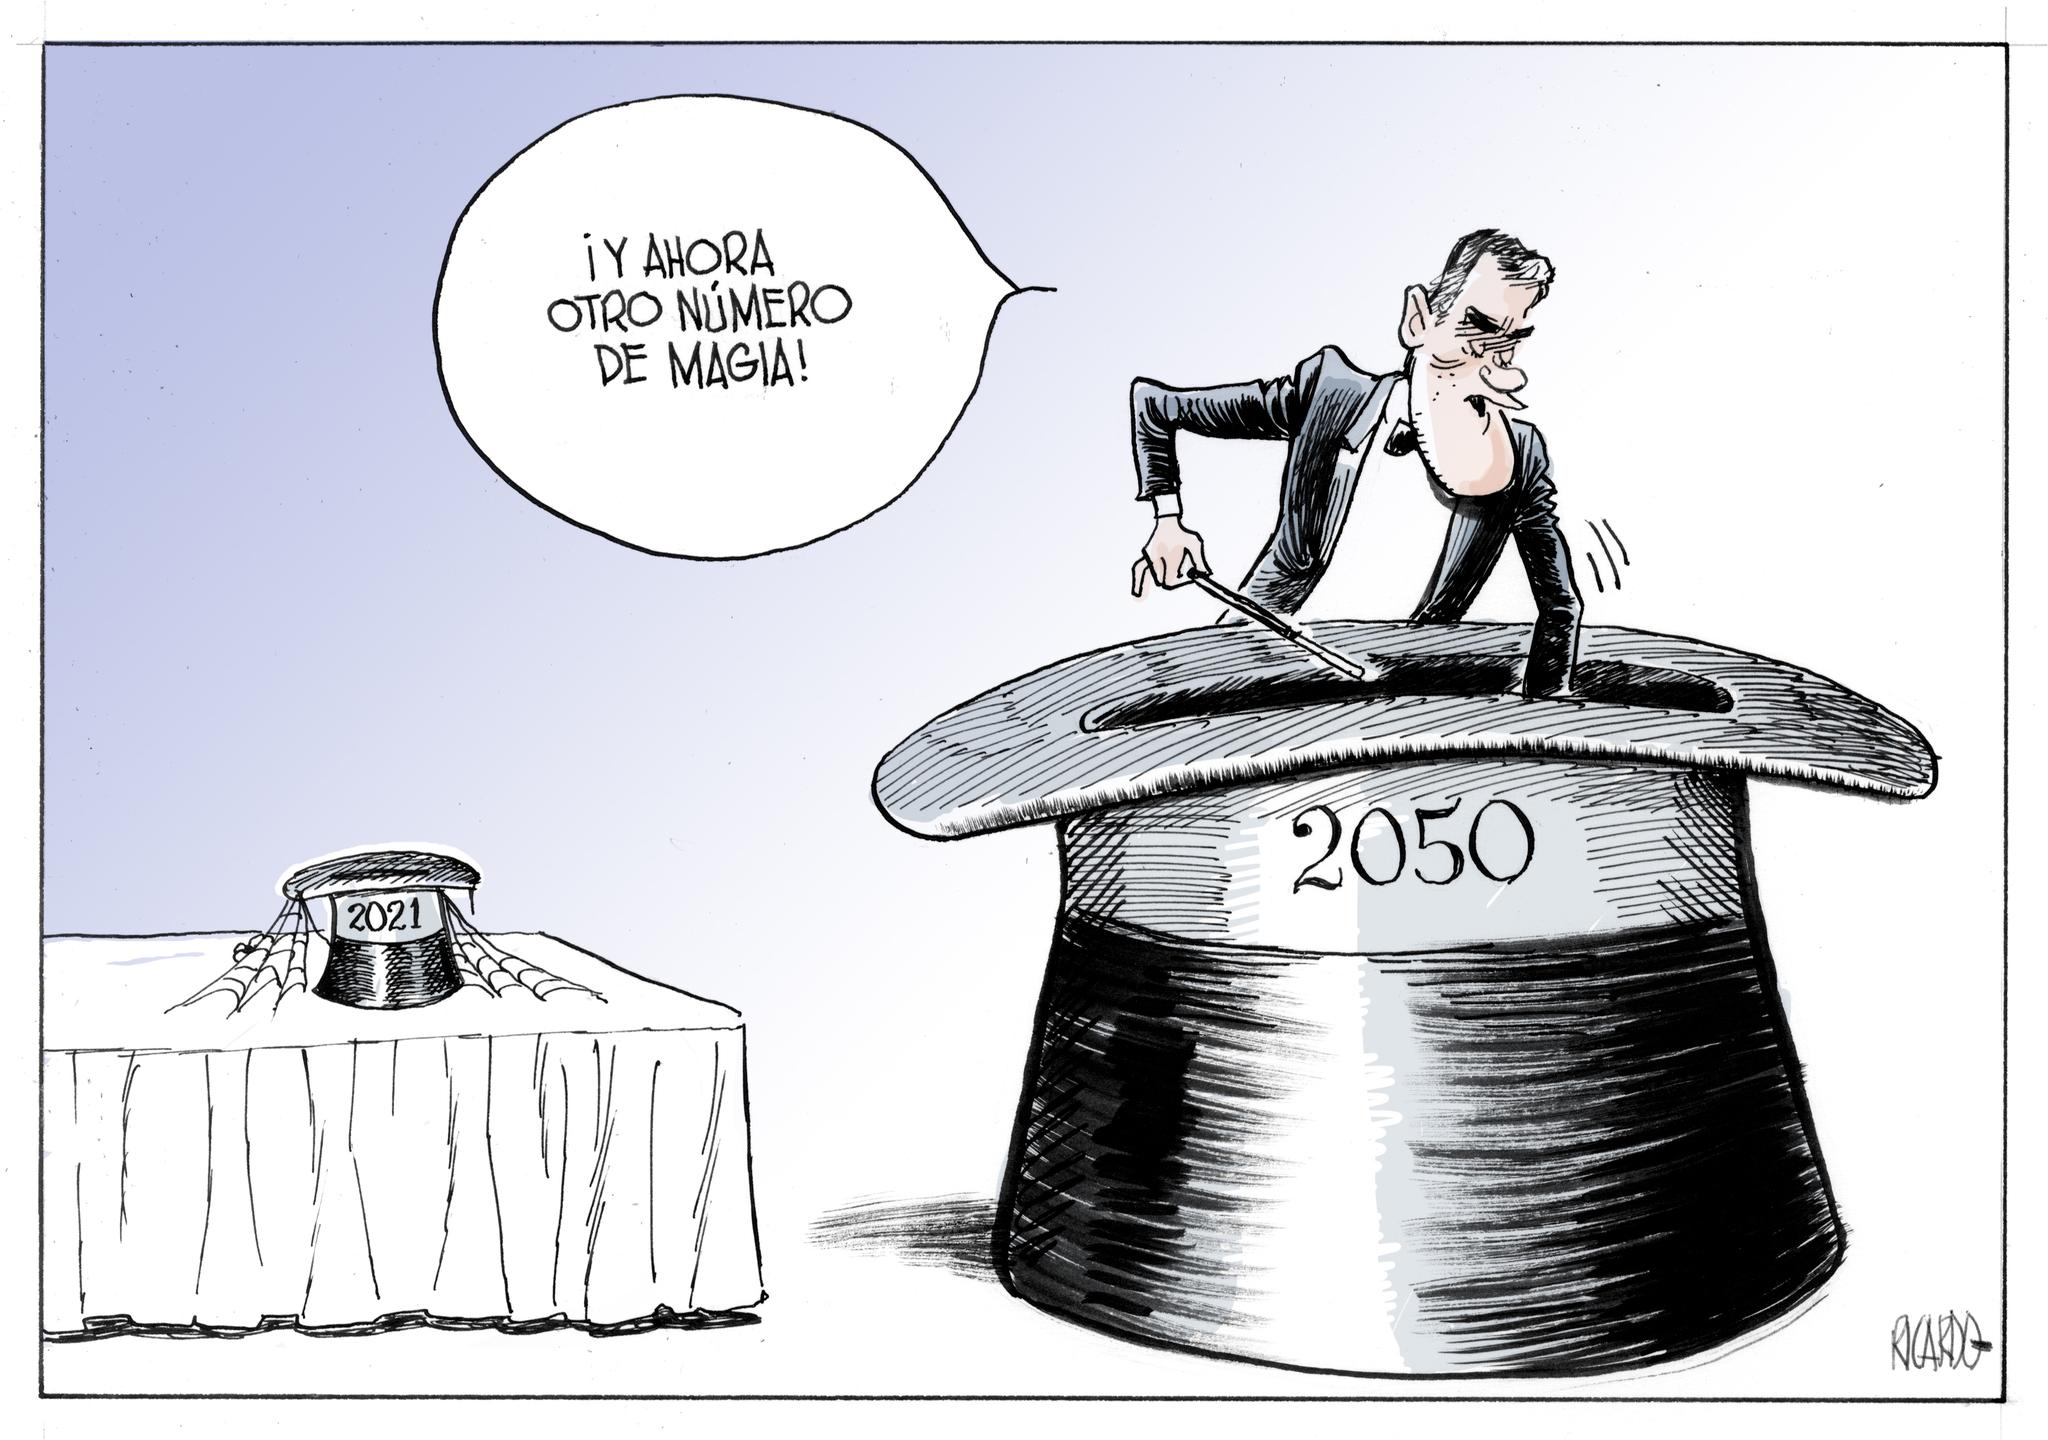 España en 2050 será igual que 2050 en España